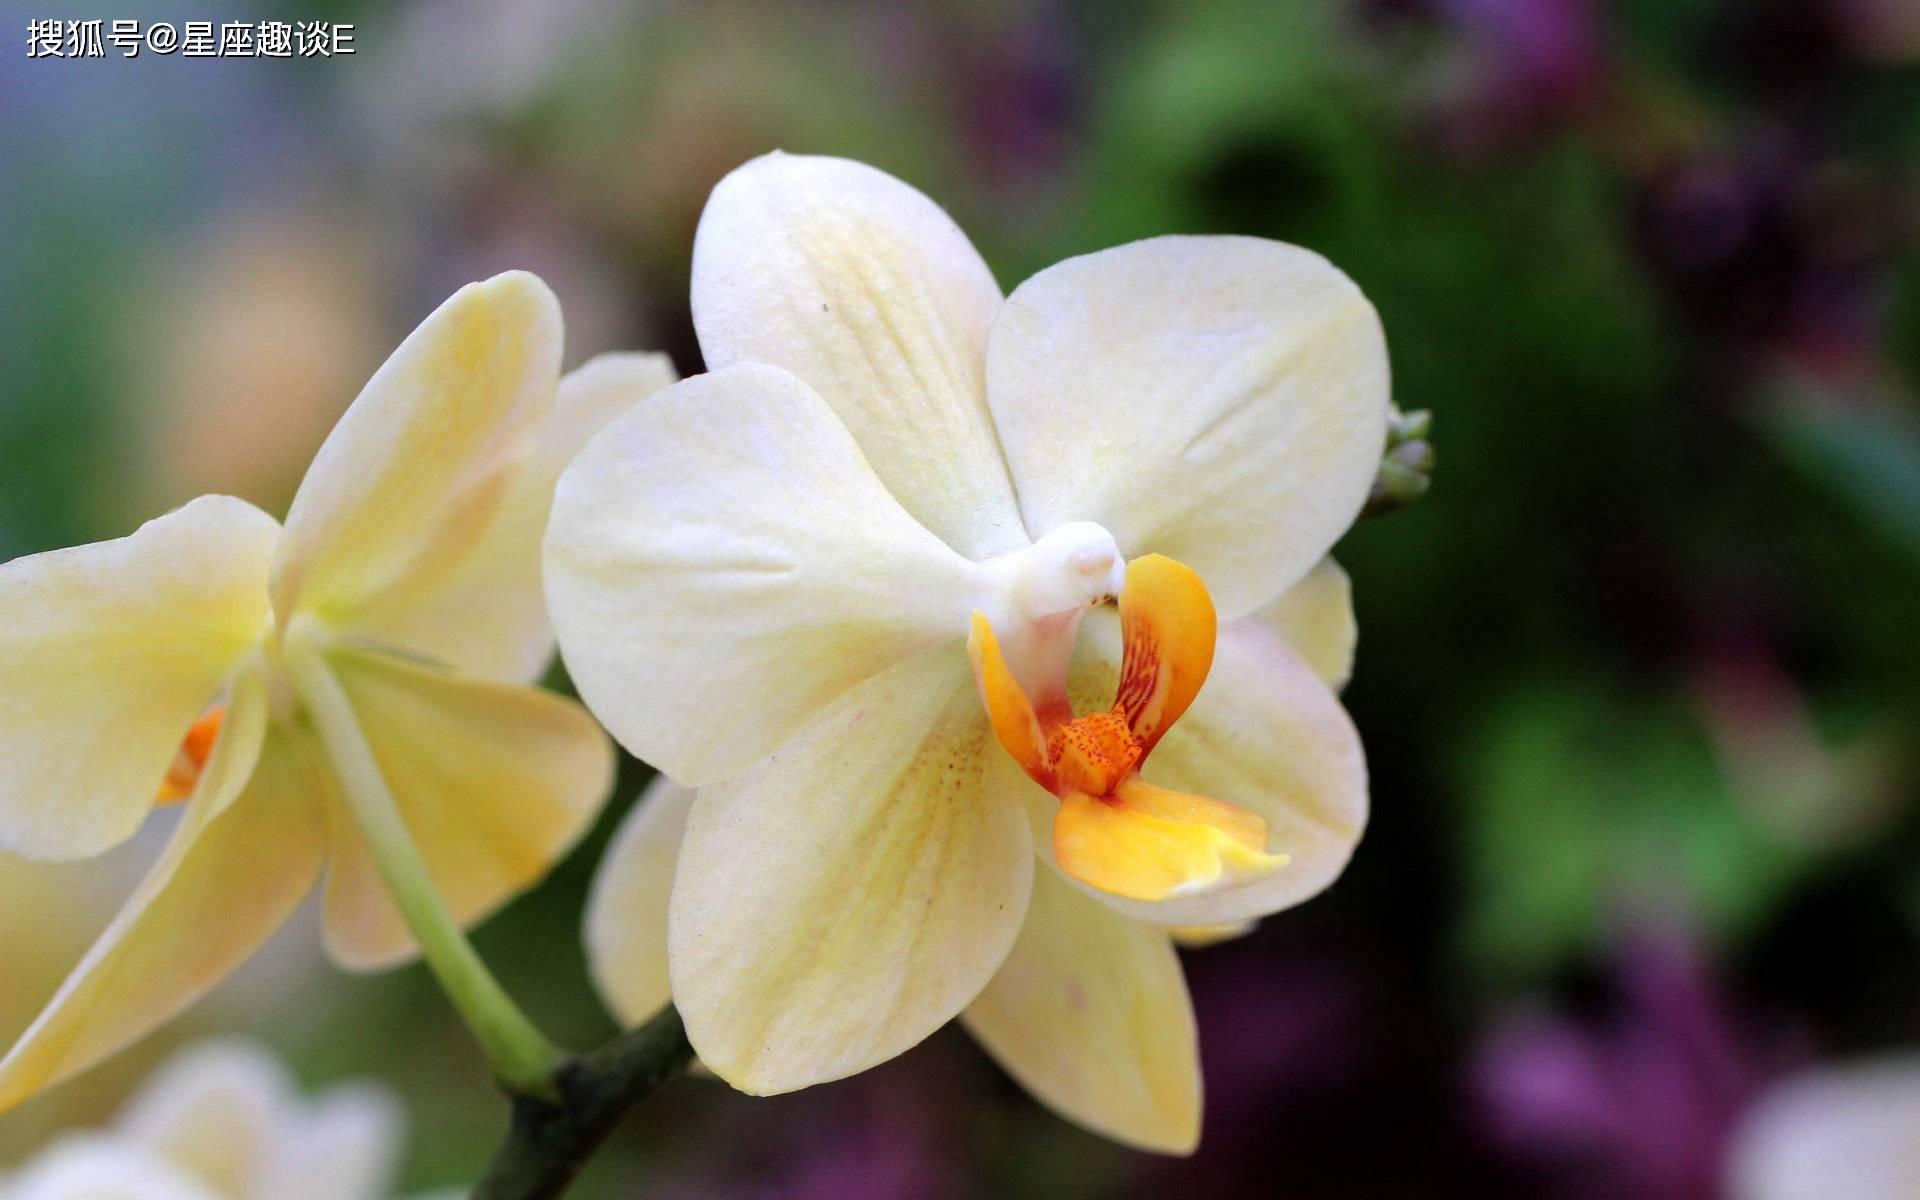 4月8日爱情运势:为爱倾心,携手幸福的四大星座  第3张